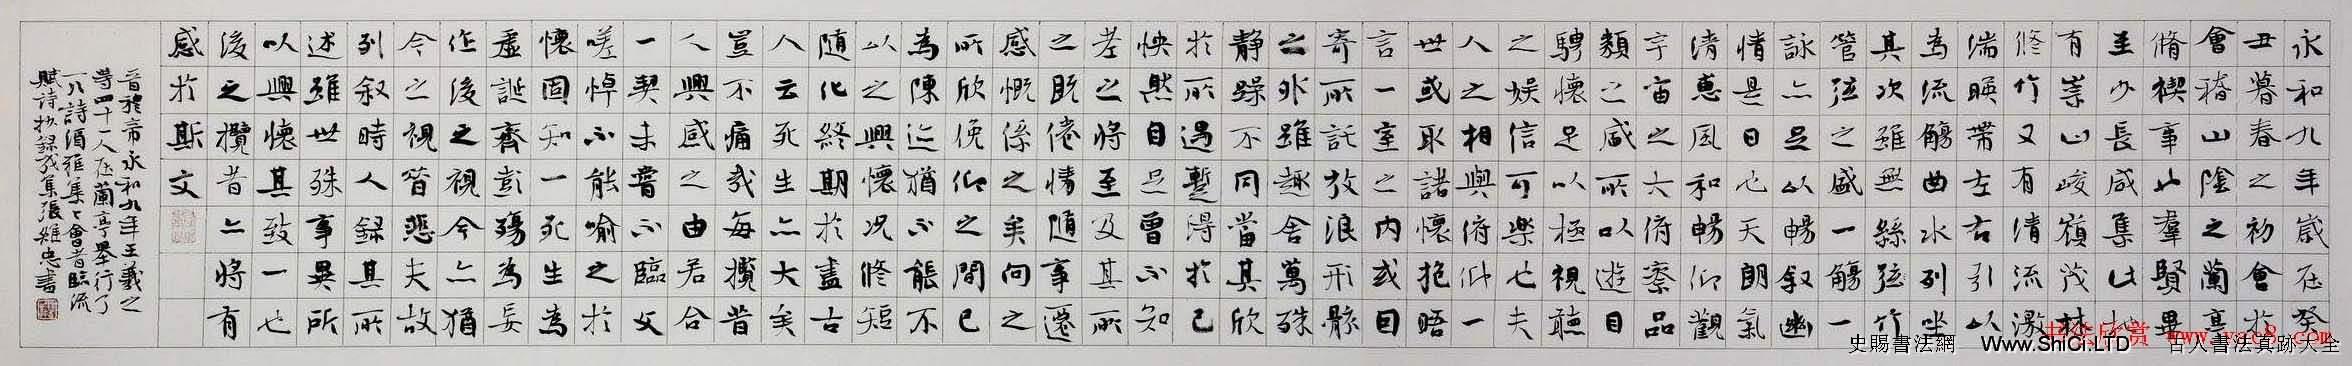 張維忠書法手卷王羲之蘭亭集序(共5張圖片)